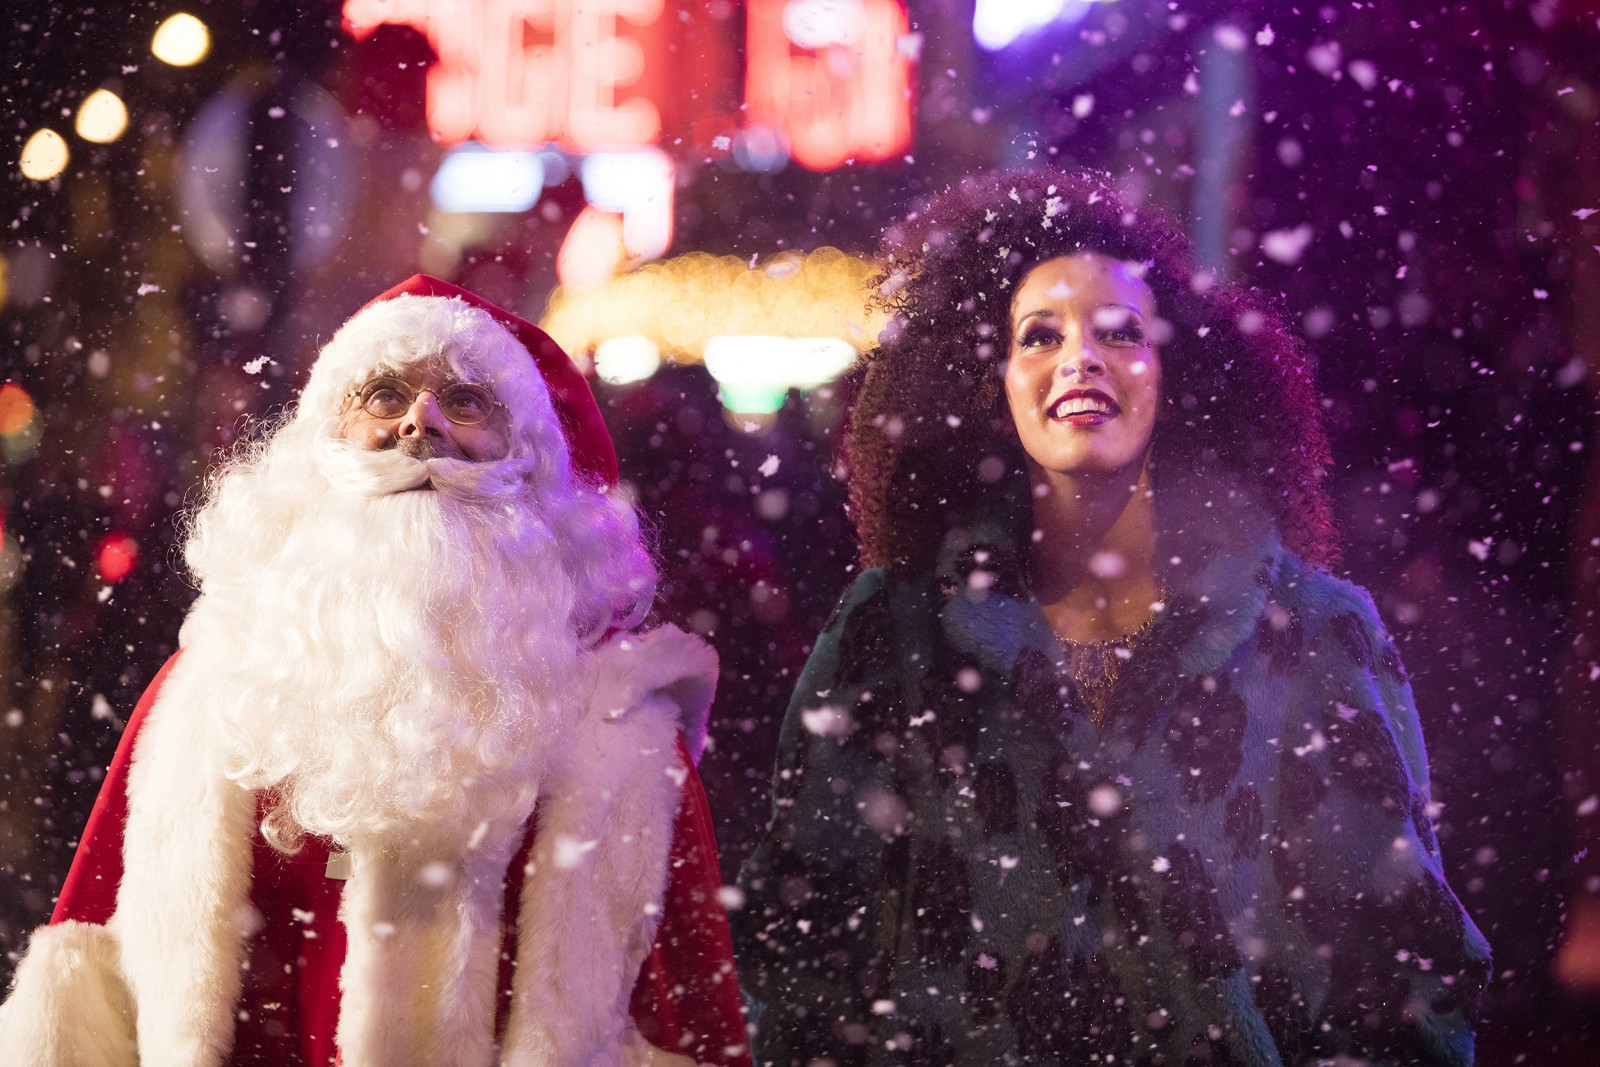 splendid film   Santa & Co. - Wer rettet Weihnachten?